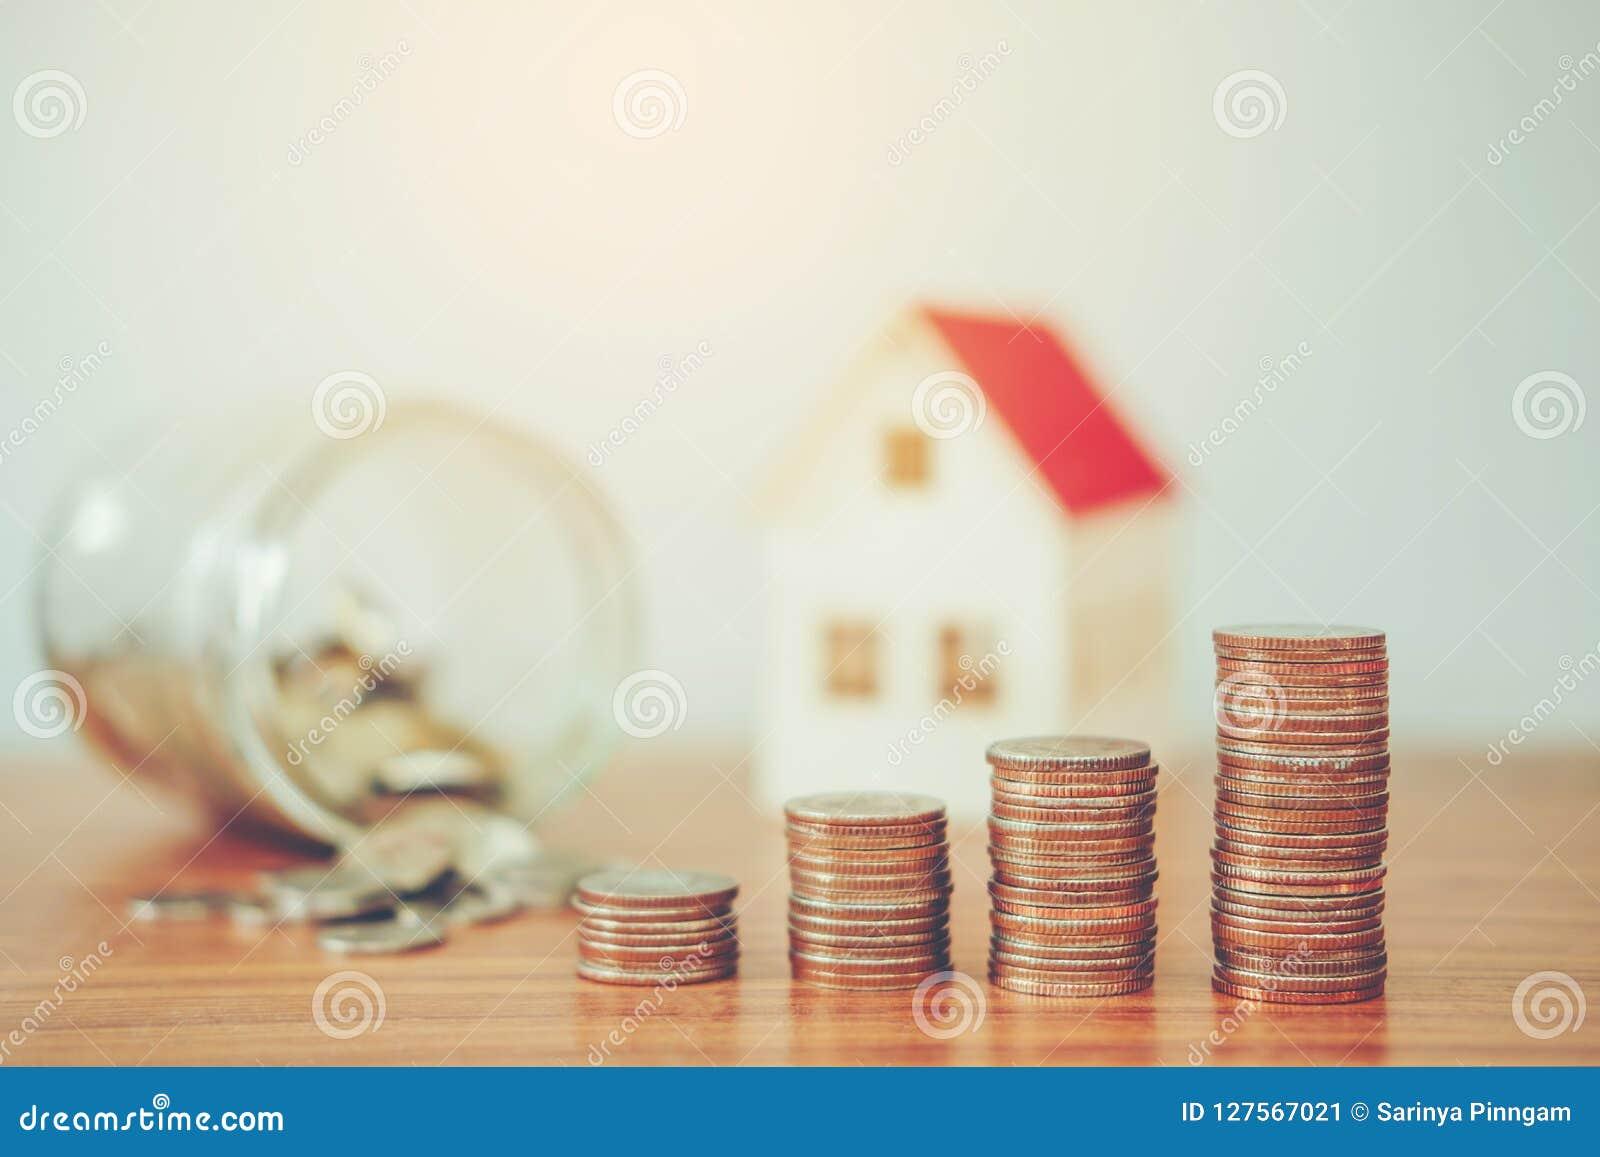 Risparmi i soldi per costo domestico